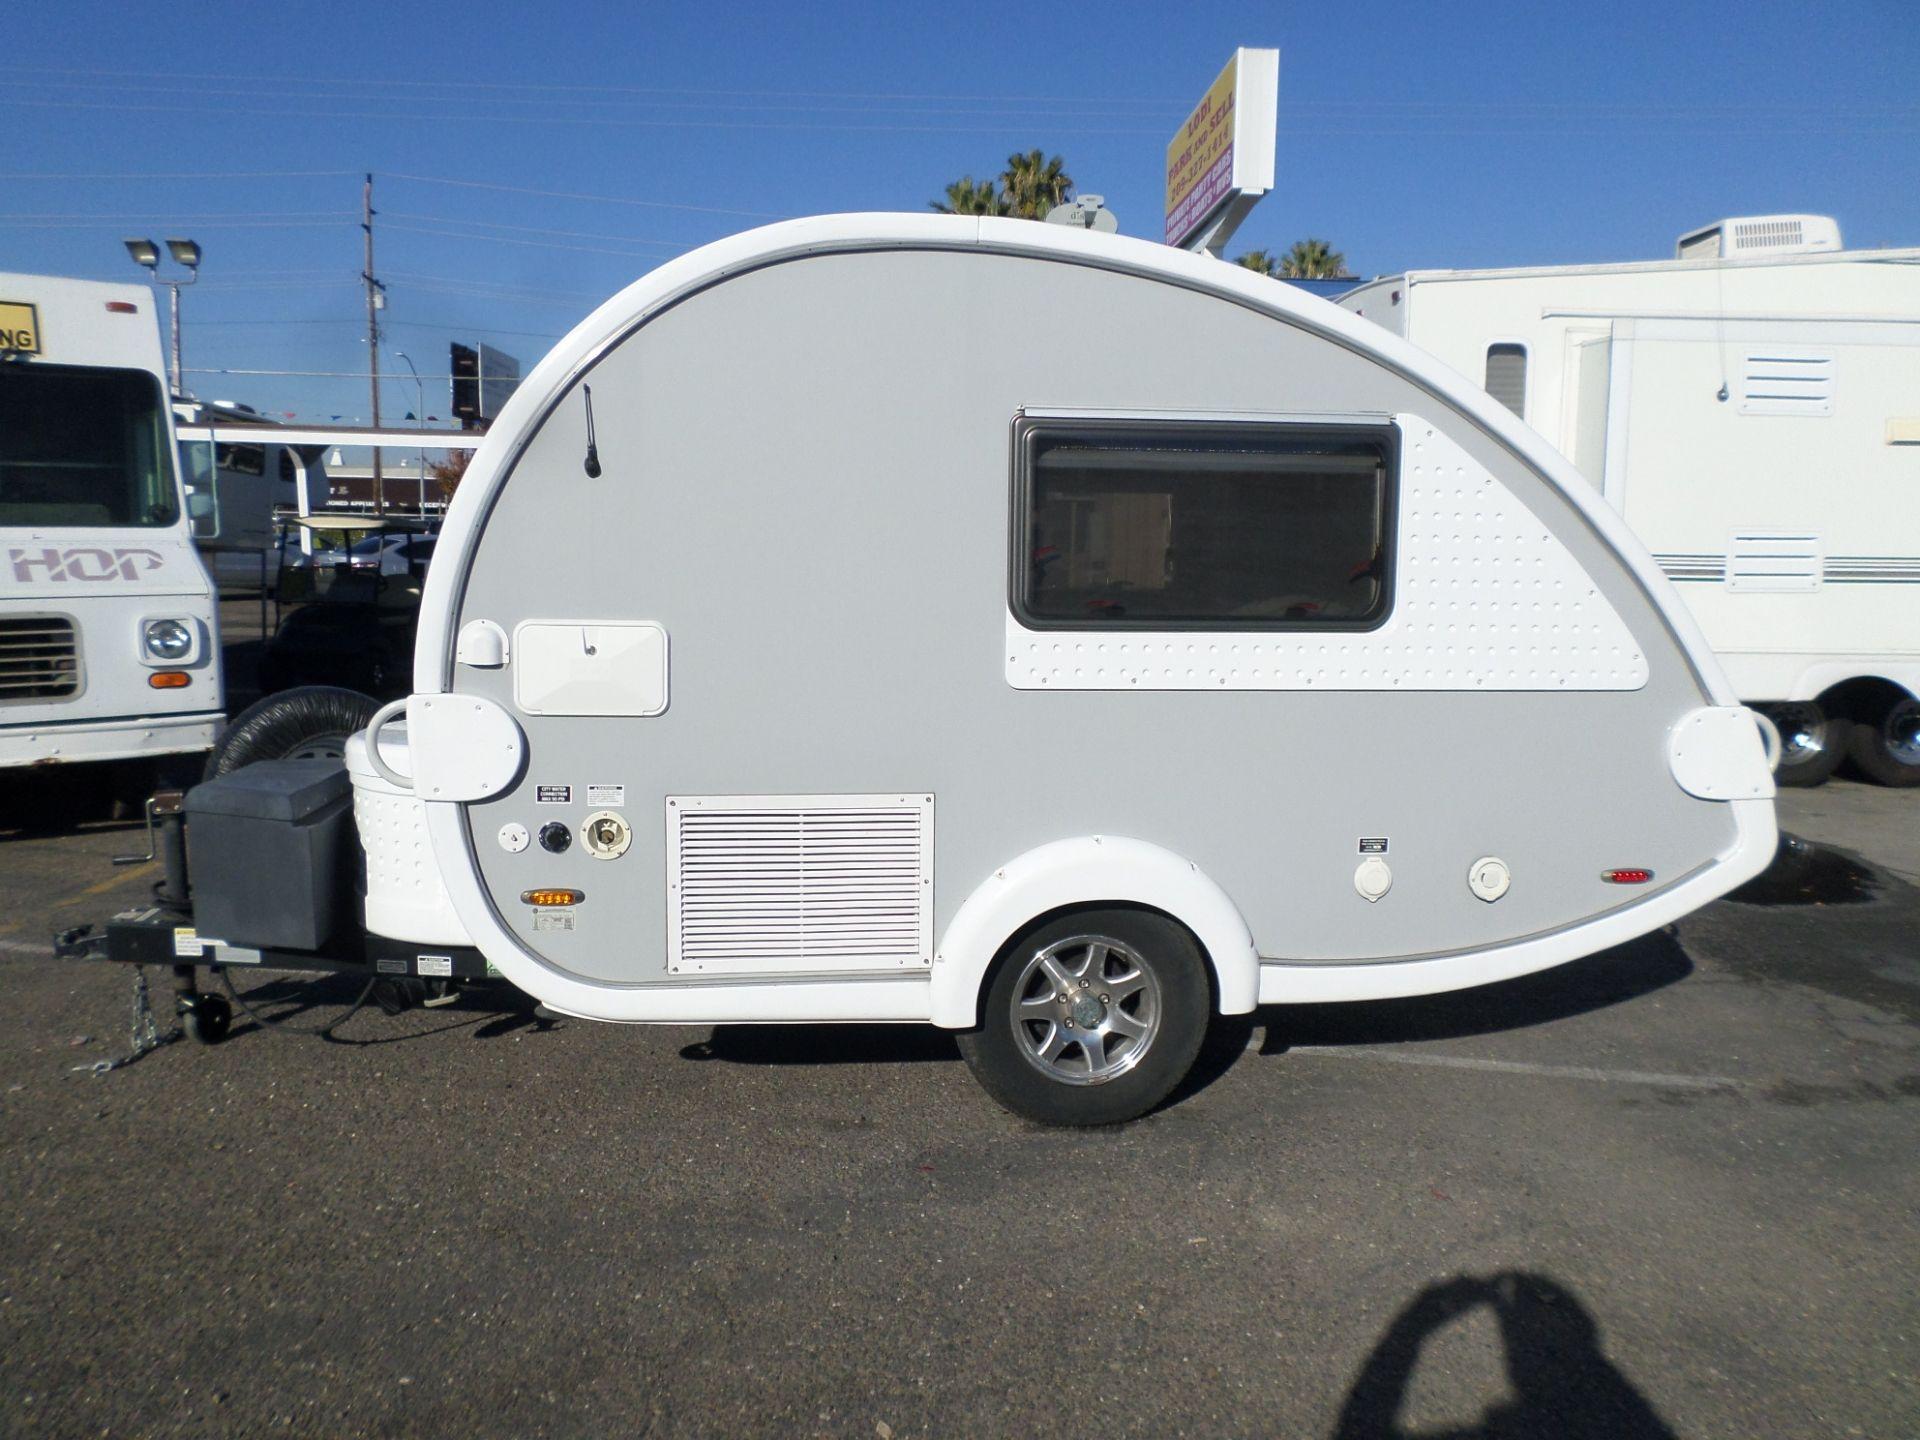 2014 Nucamp Tab Teardrop Camper Teardrop Camper For Sale